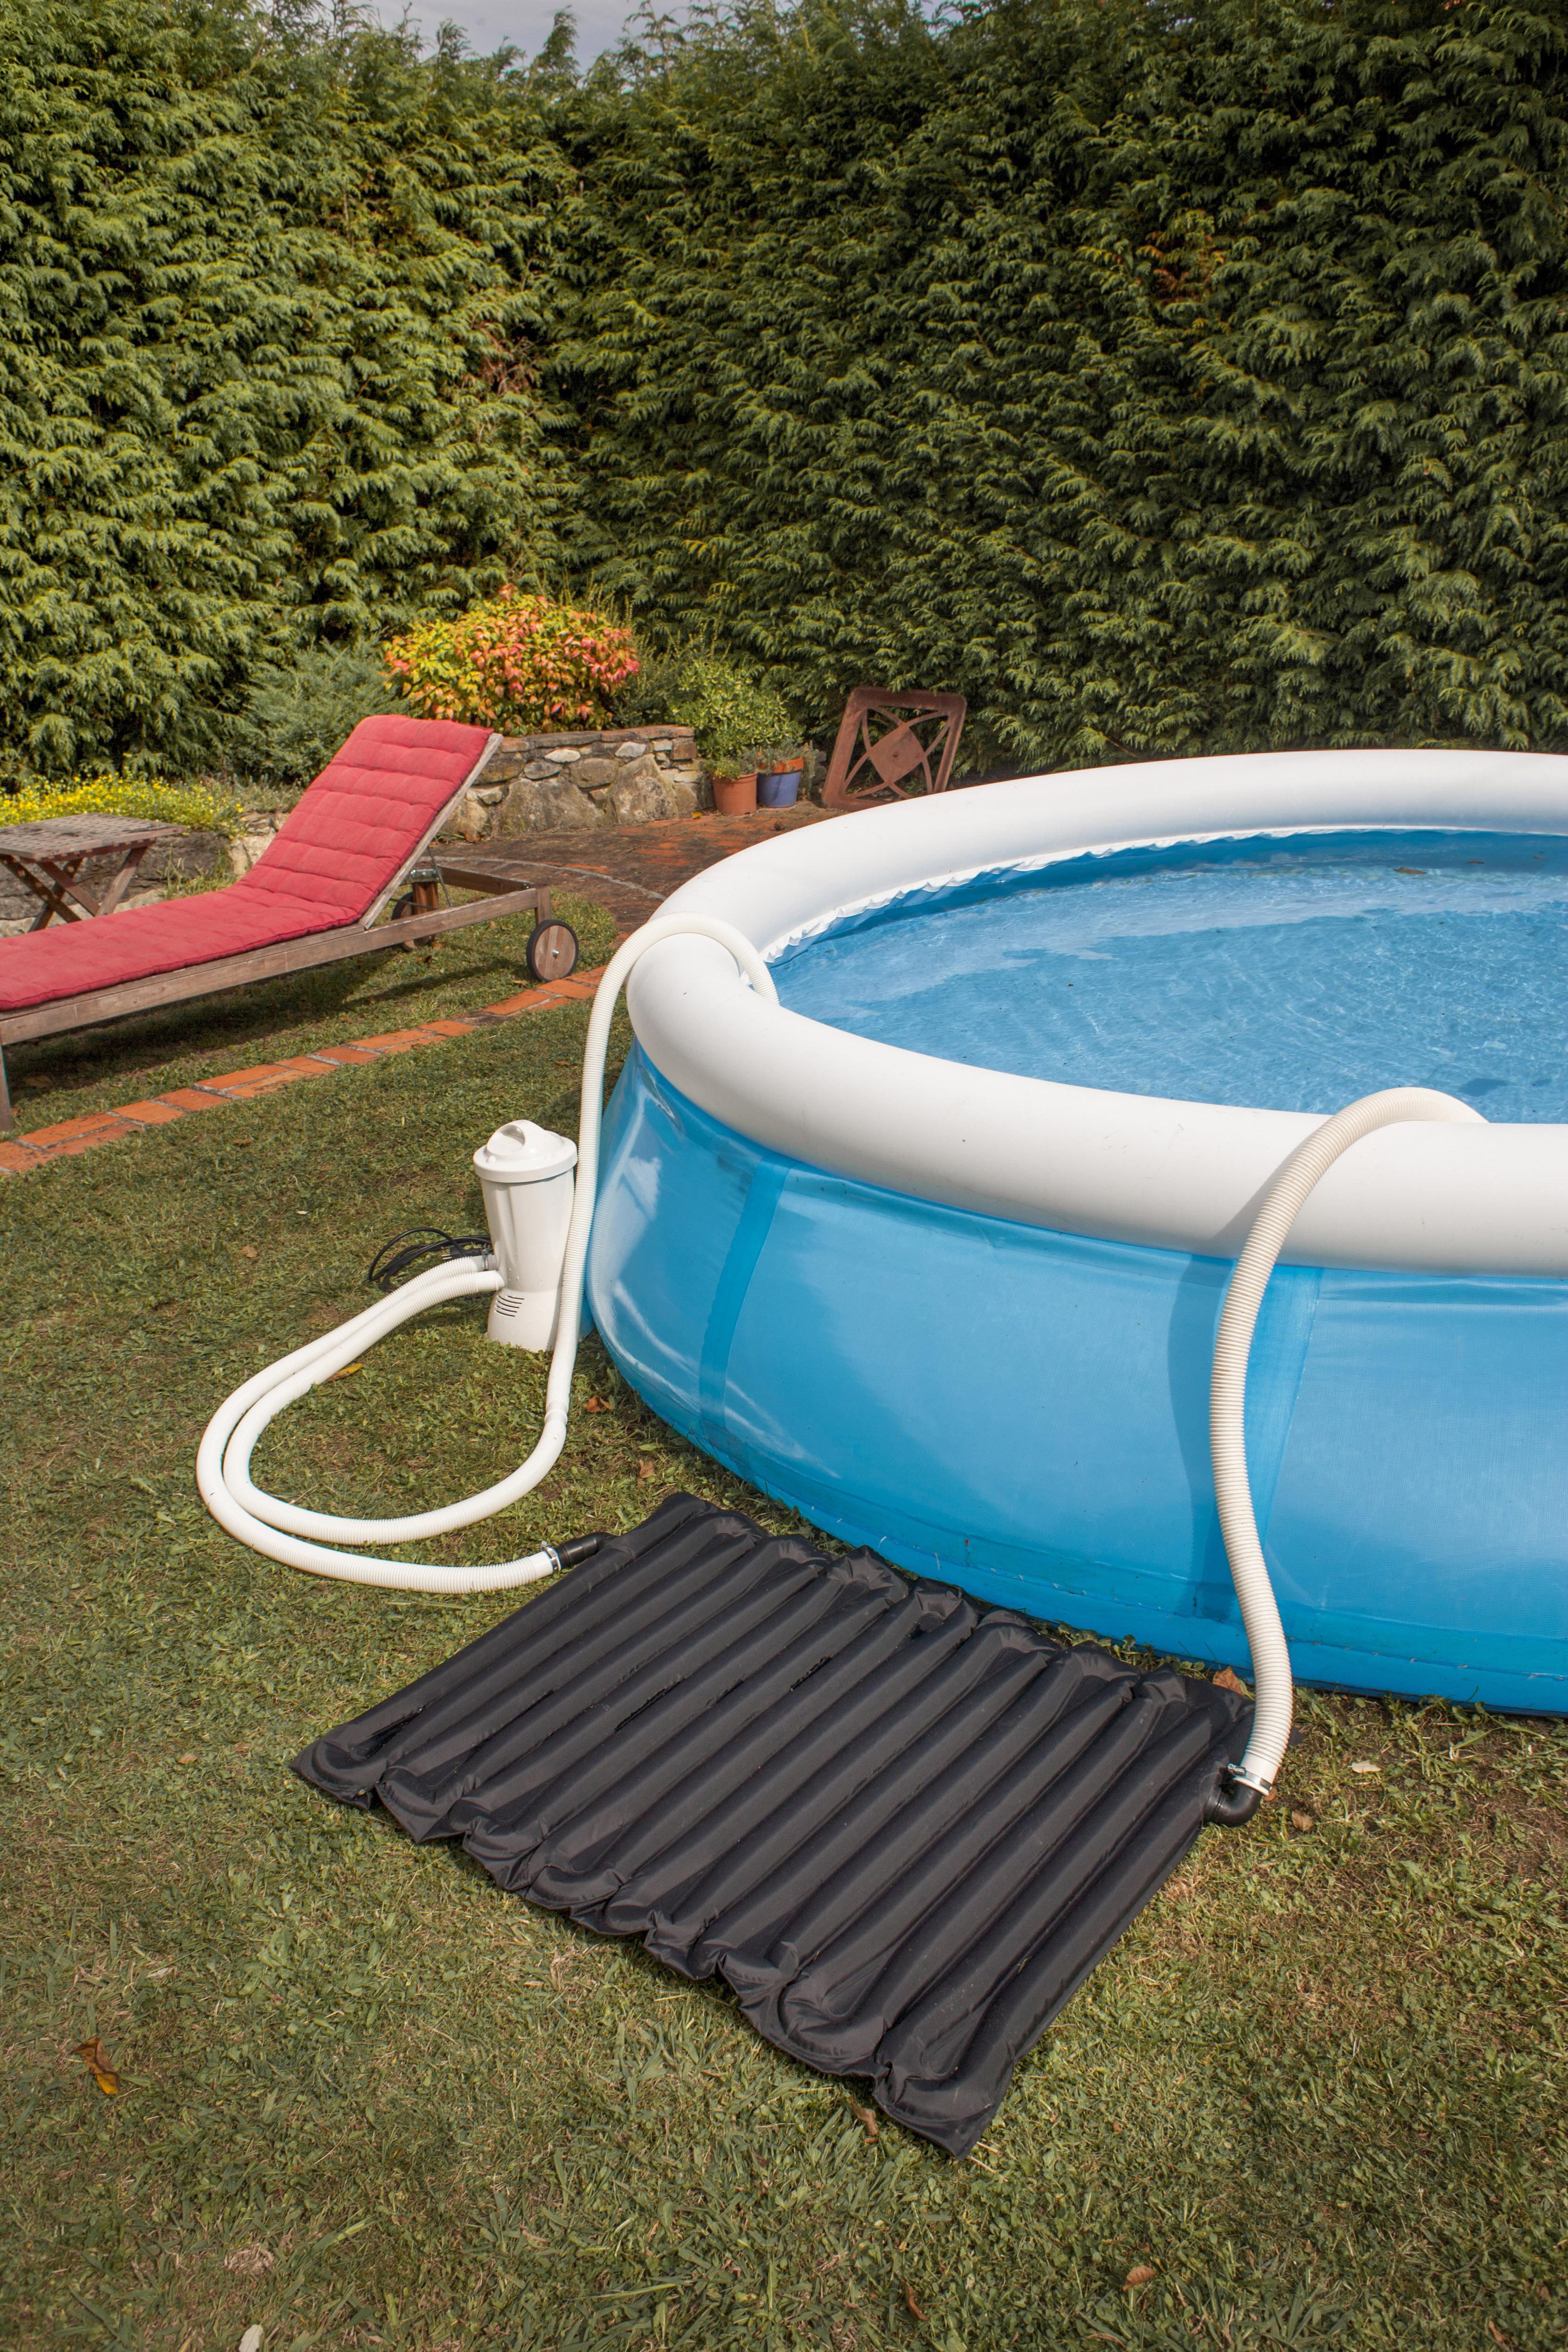 Теплообменник для надувного бассейна своими руками теплообменники применяемые для покрасочных камер